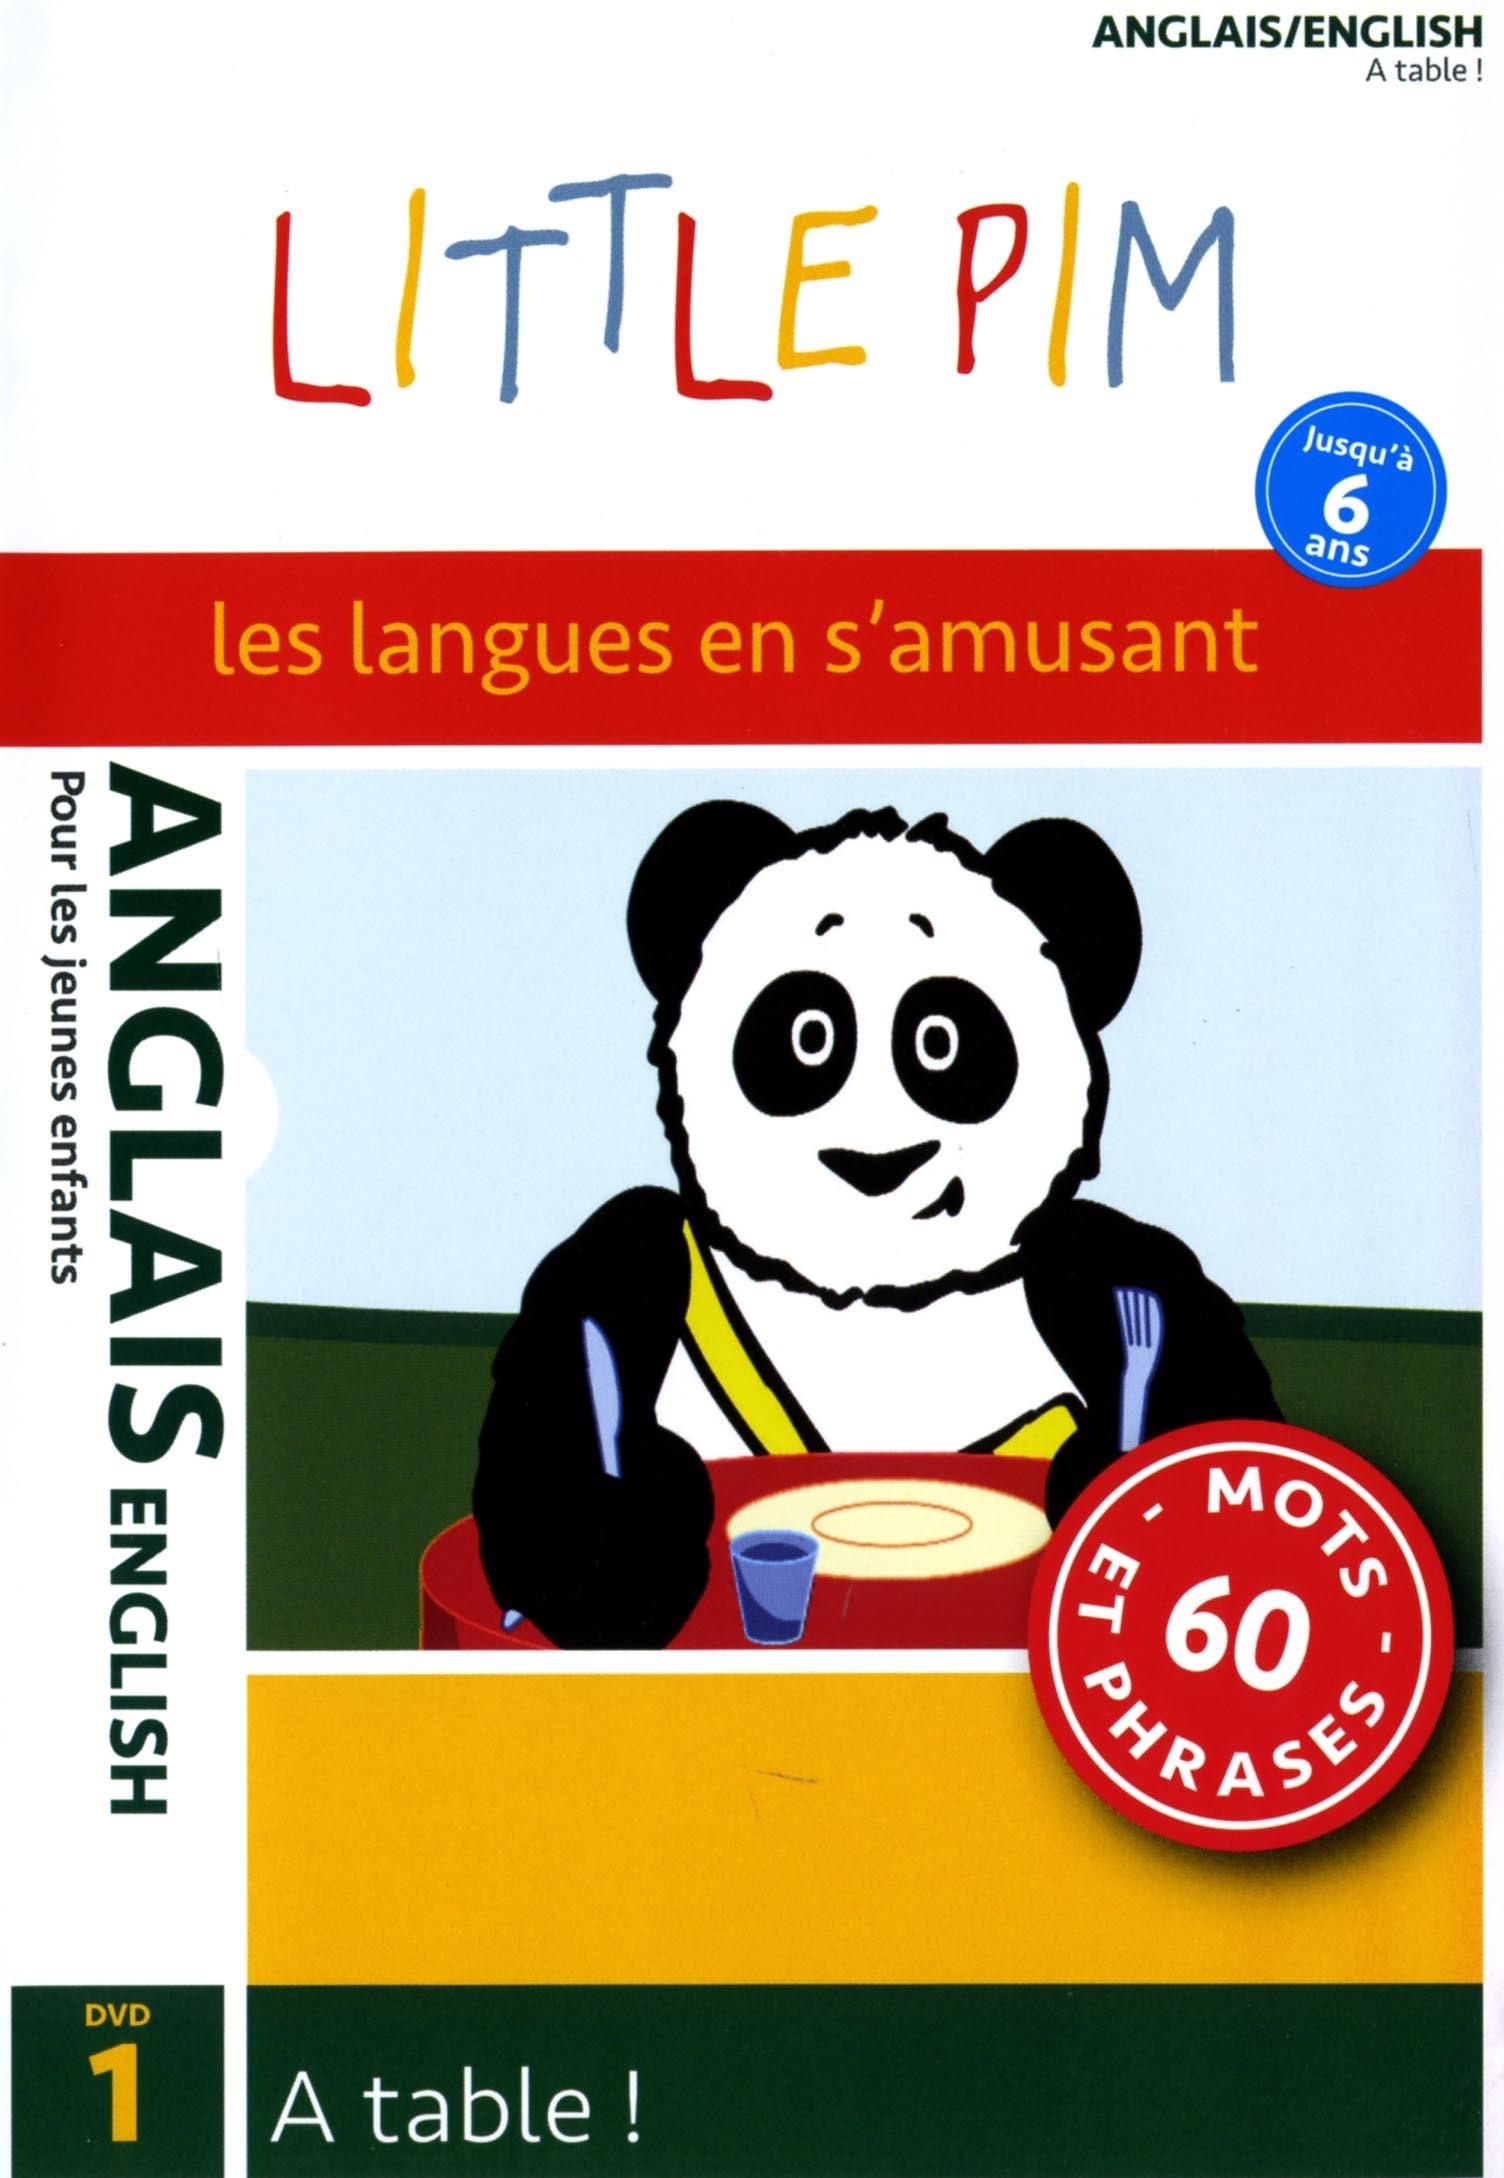 LITTLE PIM : A TABLE VOL1- DVD